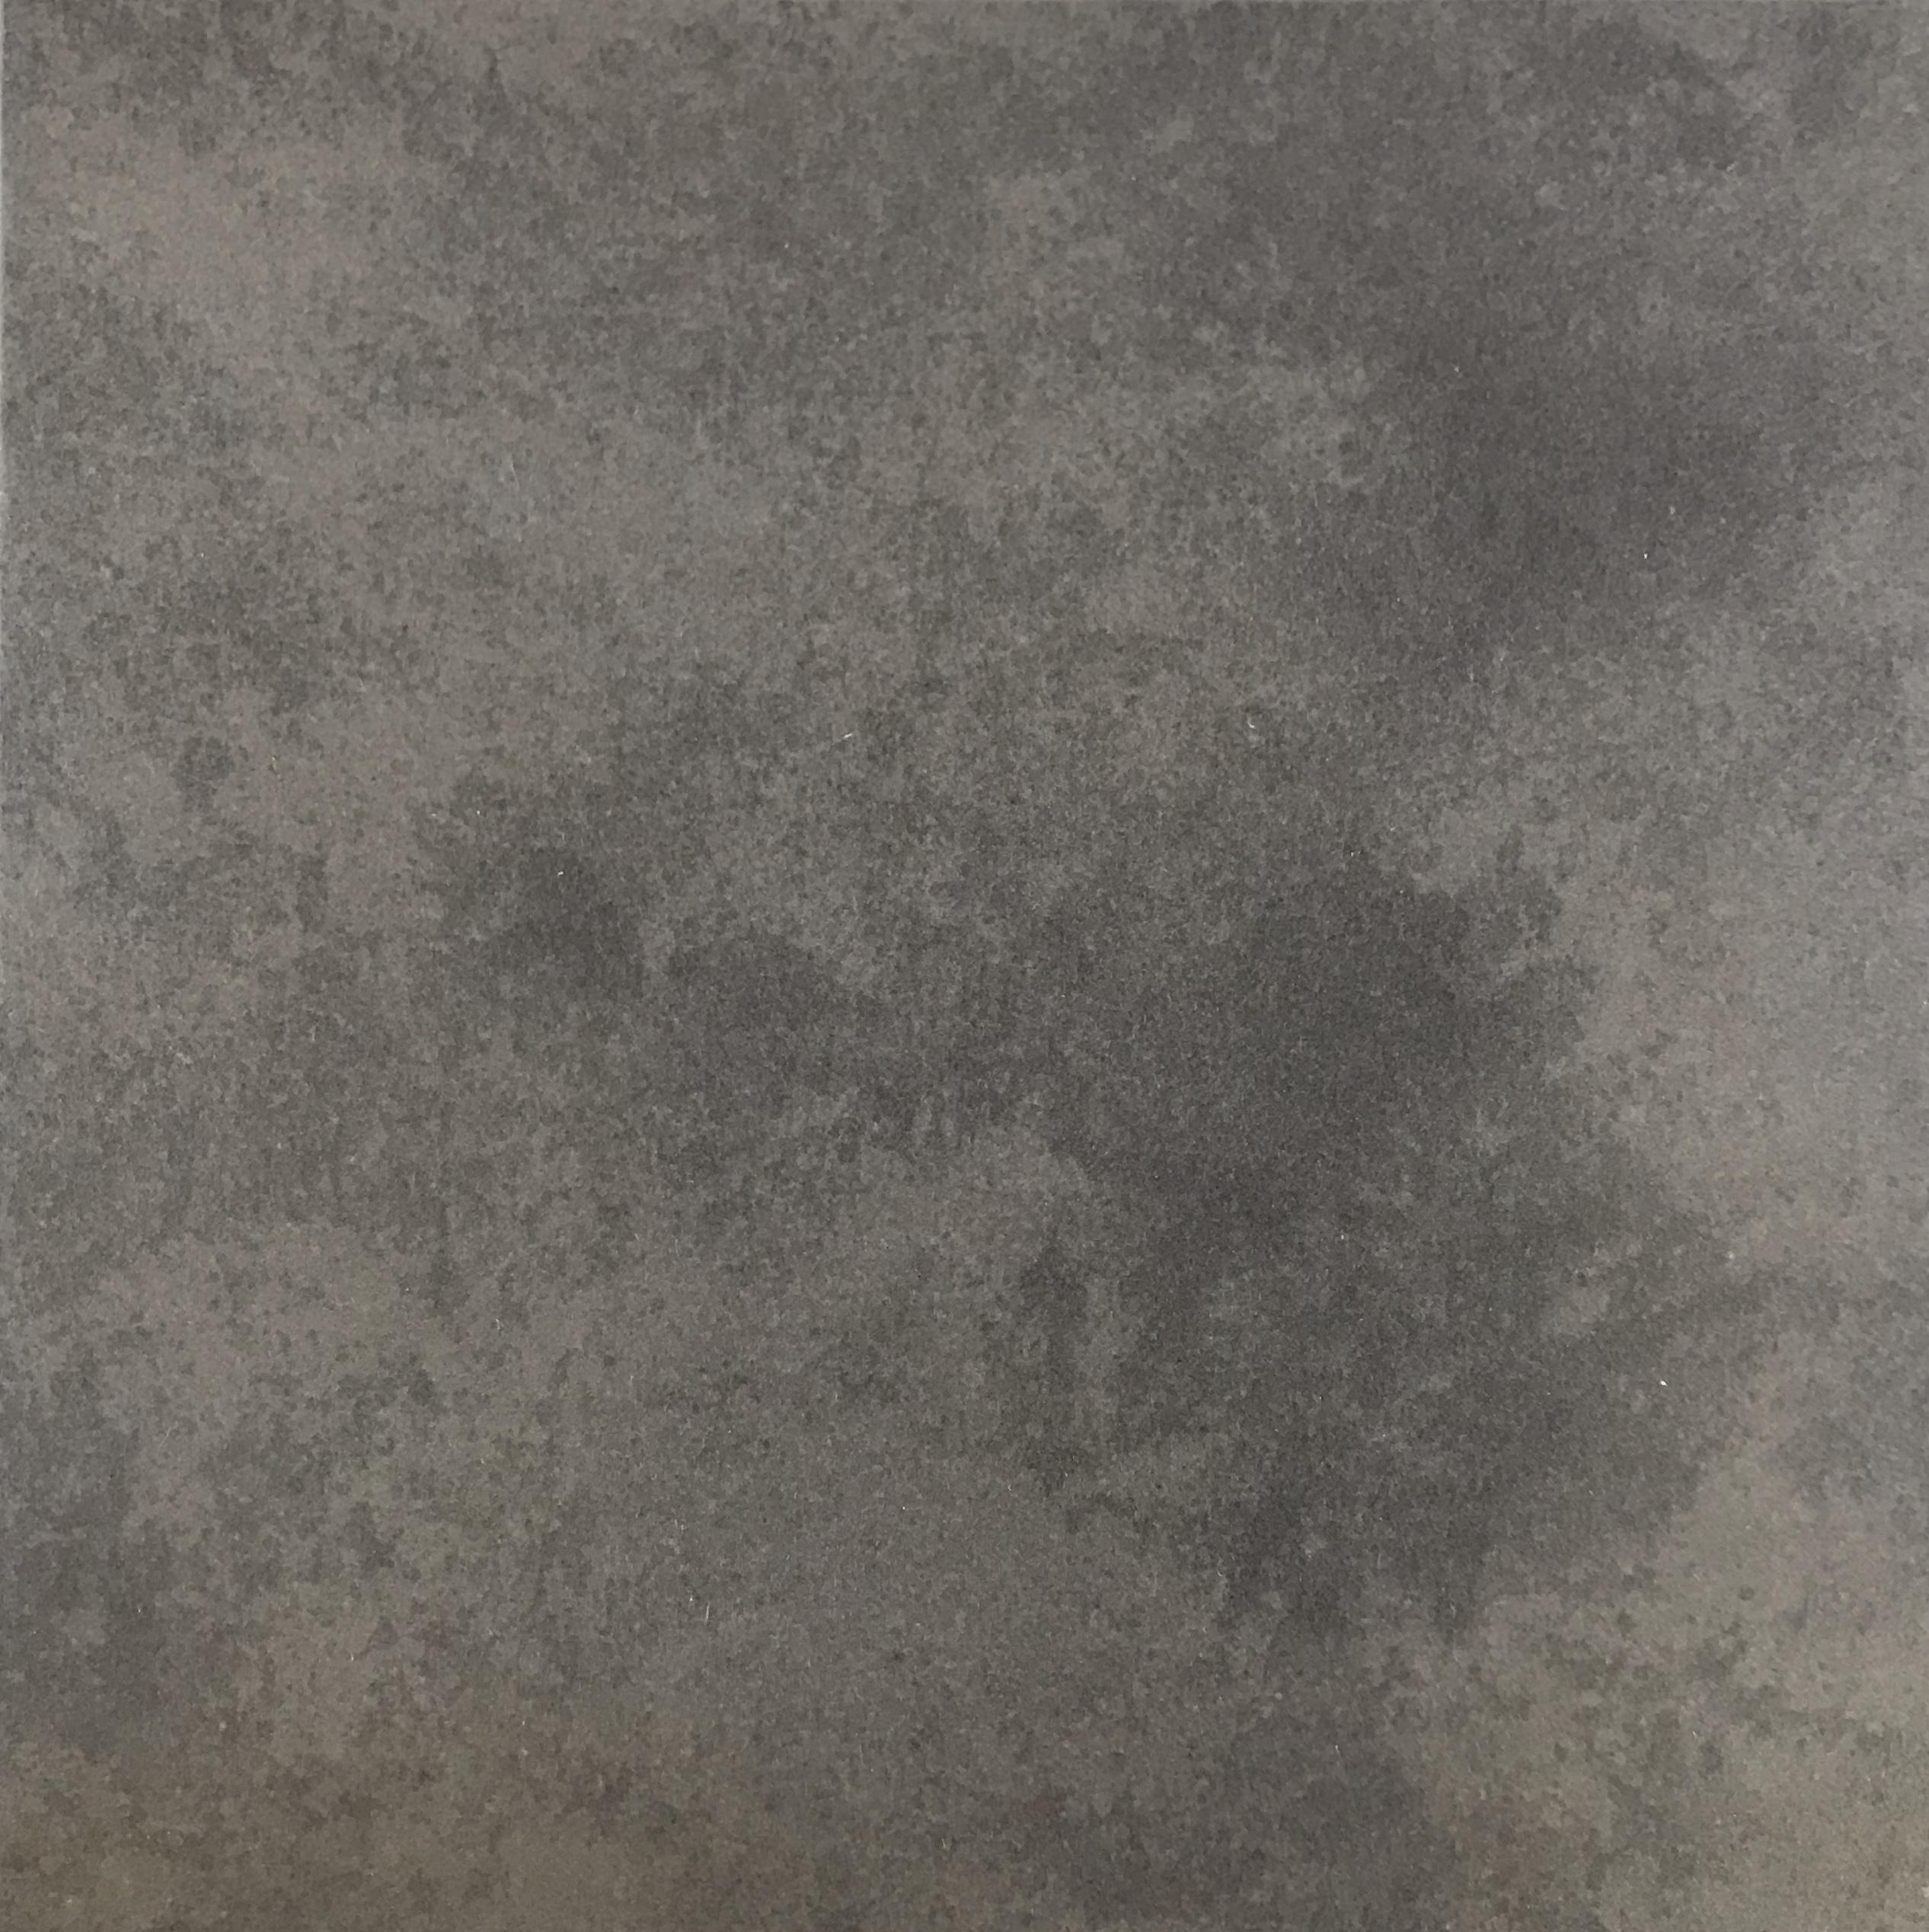 Ströher Sky matt Boden-/Wandfliese Dark Grey 30x30